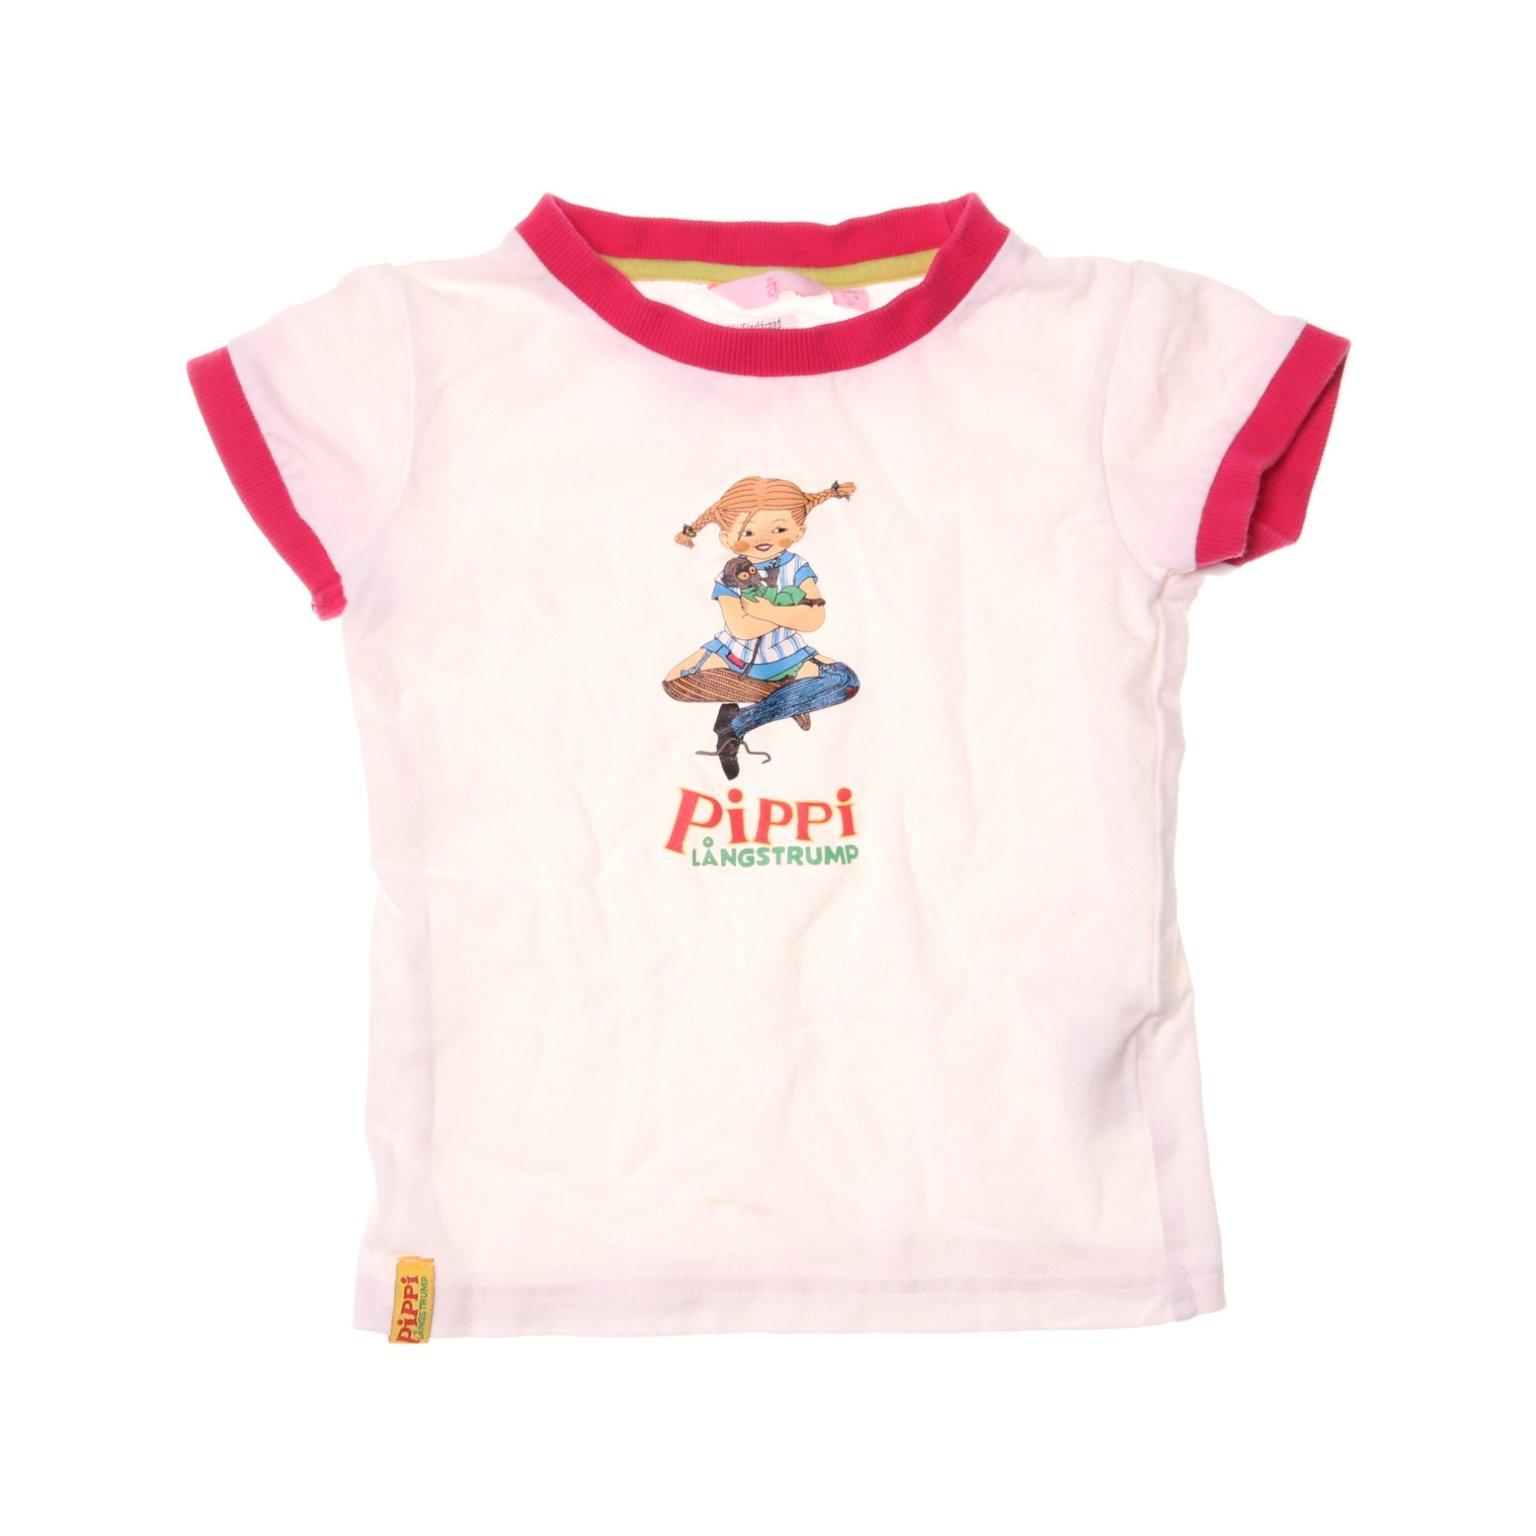 1357951db2aa Åhléns, T-shirt, Strl: 104, Pippi Långstr.. (353403019) ᐈ Sellpy på Tradera